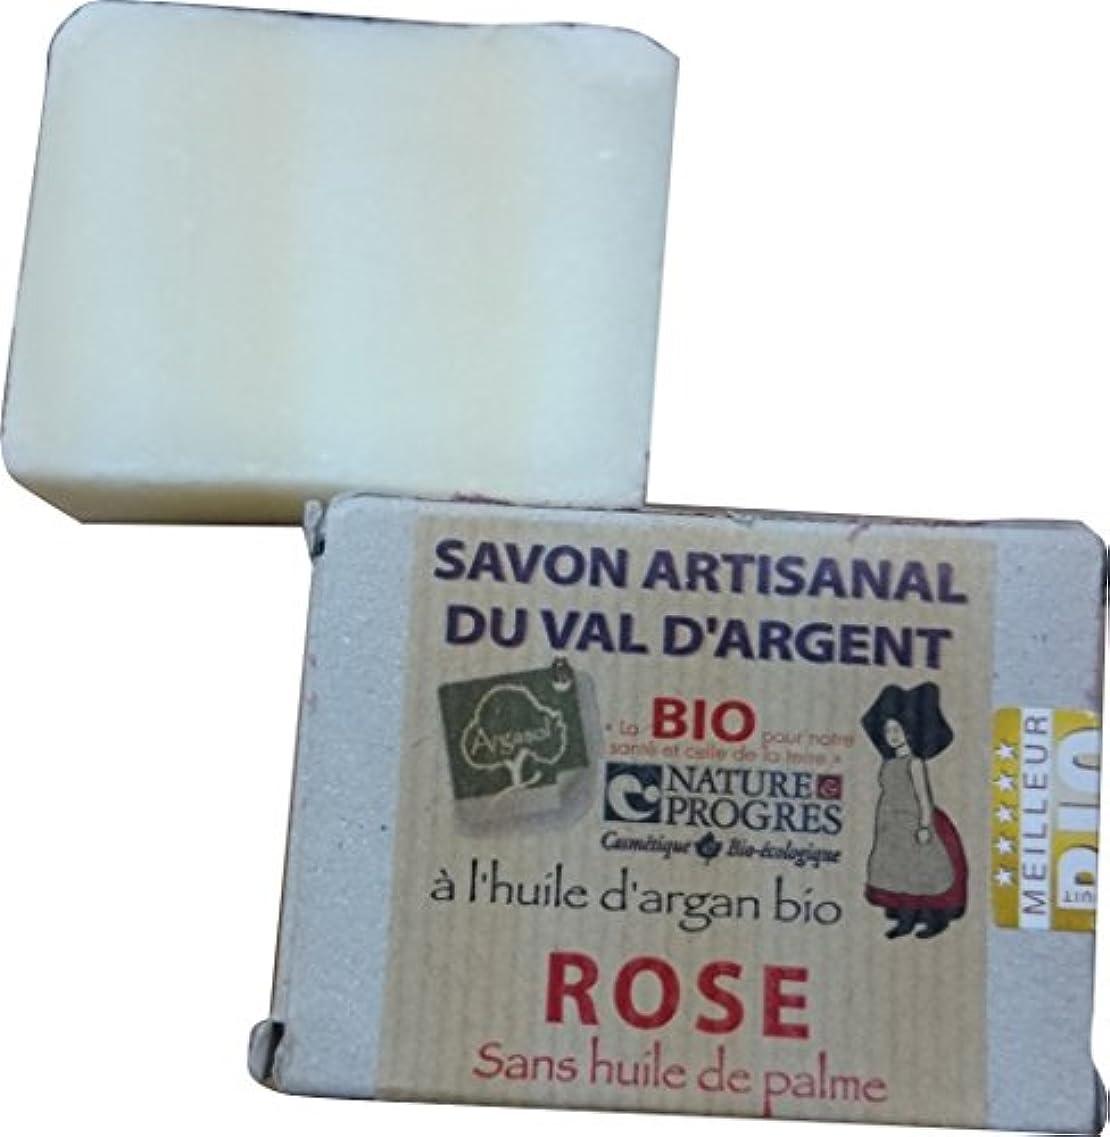 びっくりする買い物に行く魅惑的なサボン アルガソル(SAVON ARGASOL) ローズ